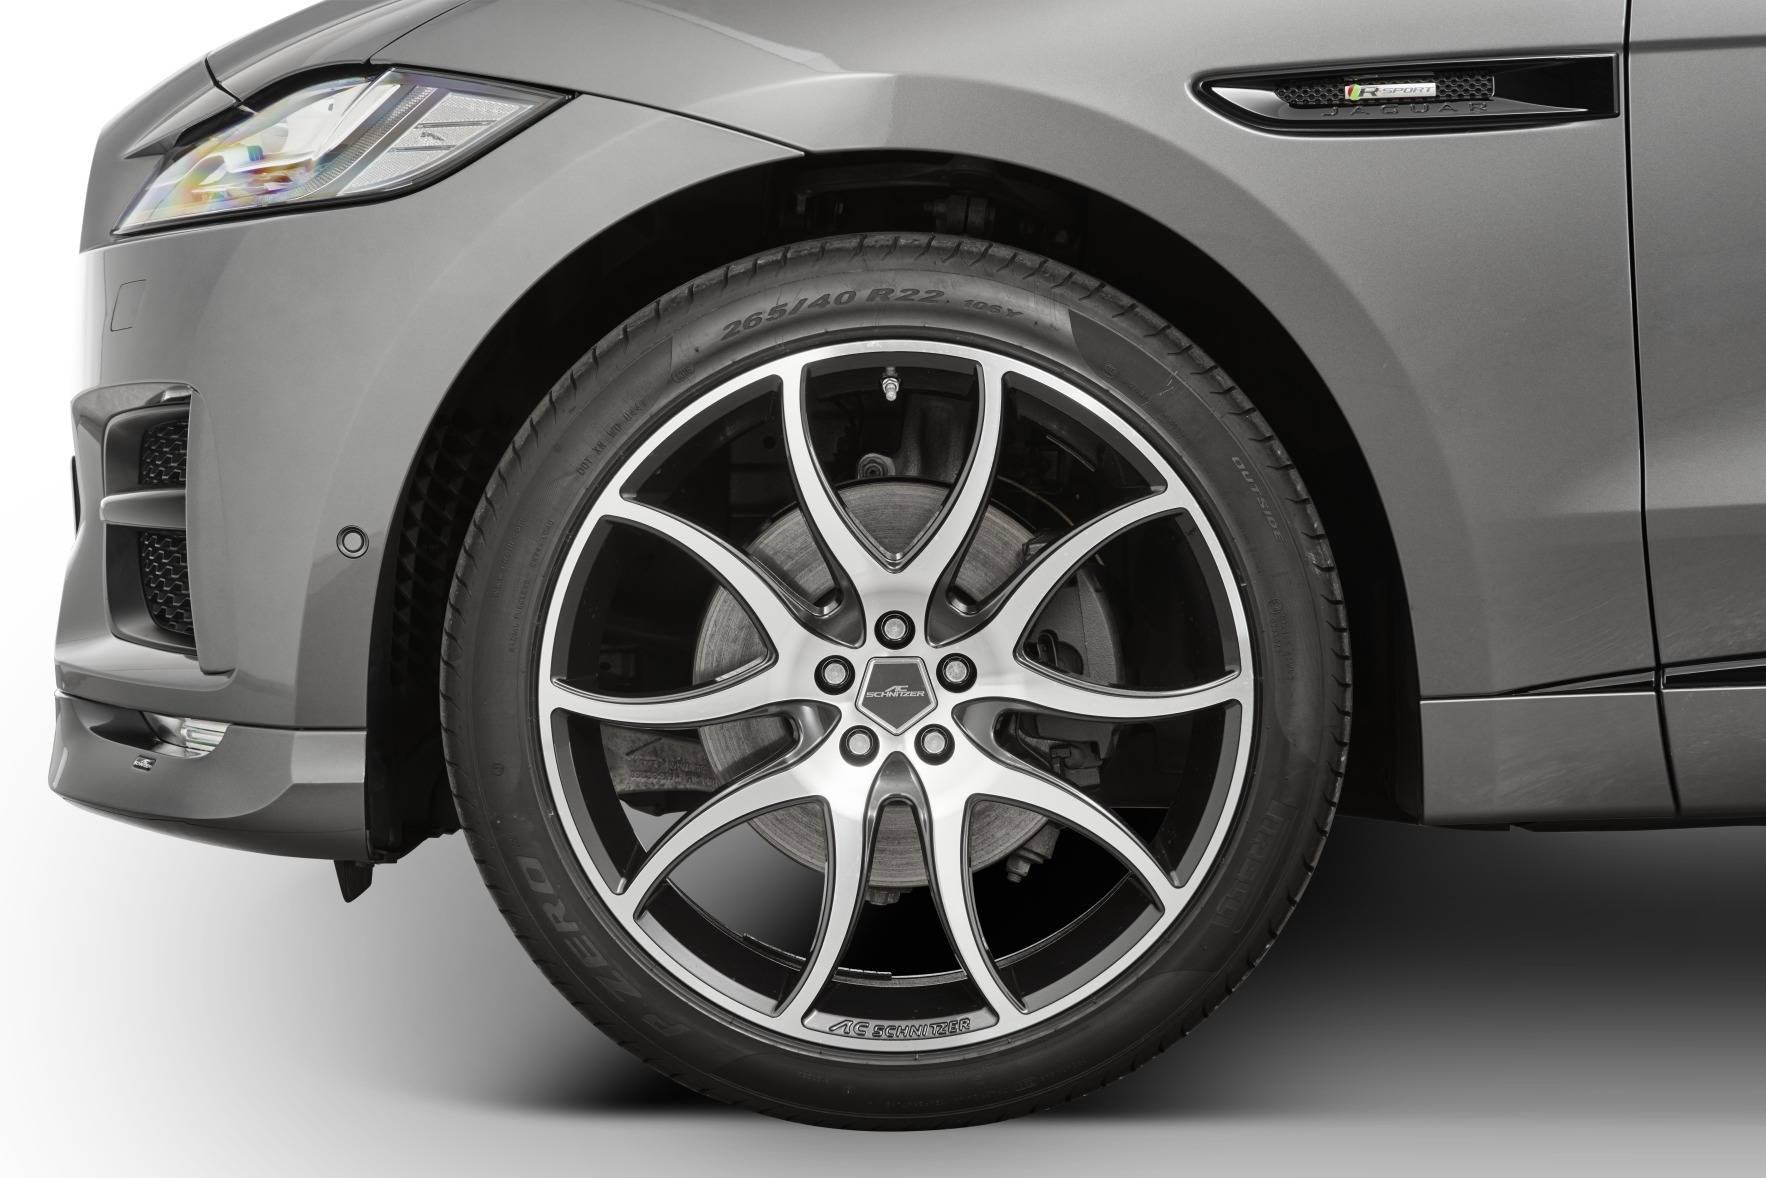 22-дюймовые диски AC Schnitzer AC2 доступны в двухцветном черно-серебристом или черно-антрацитовом варианте и имеют шины размером 265/40 R22.